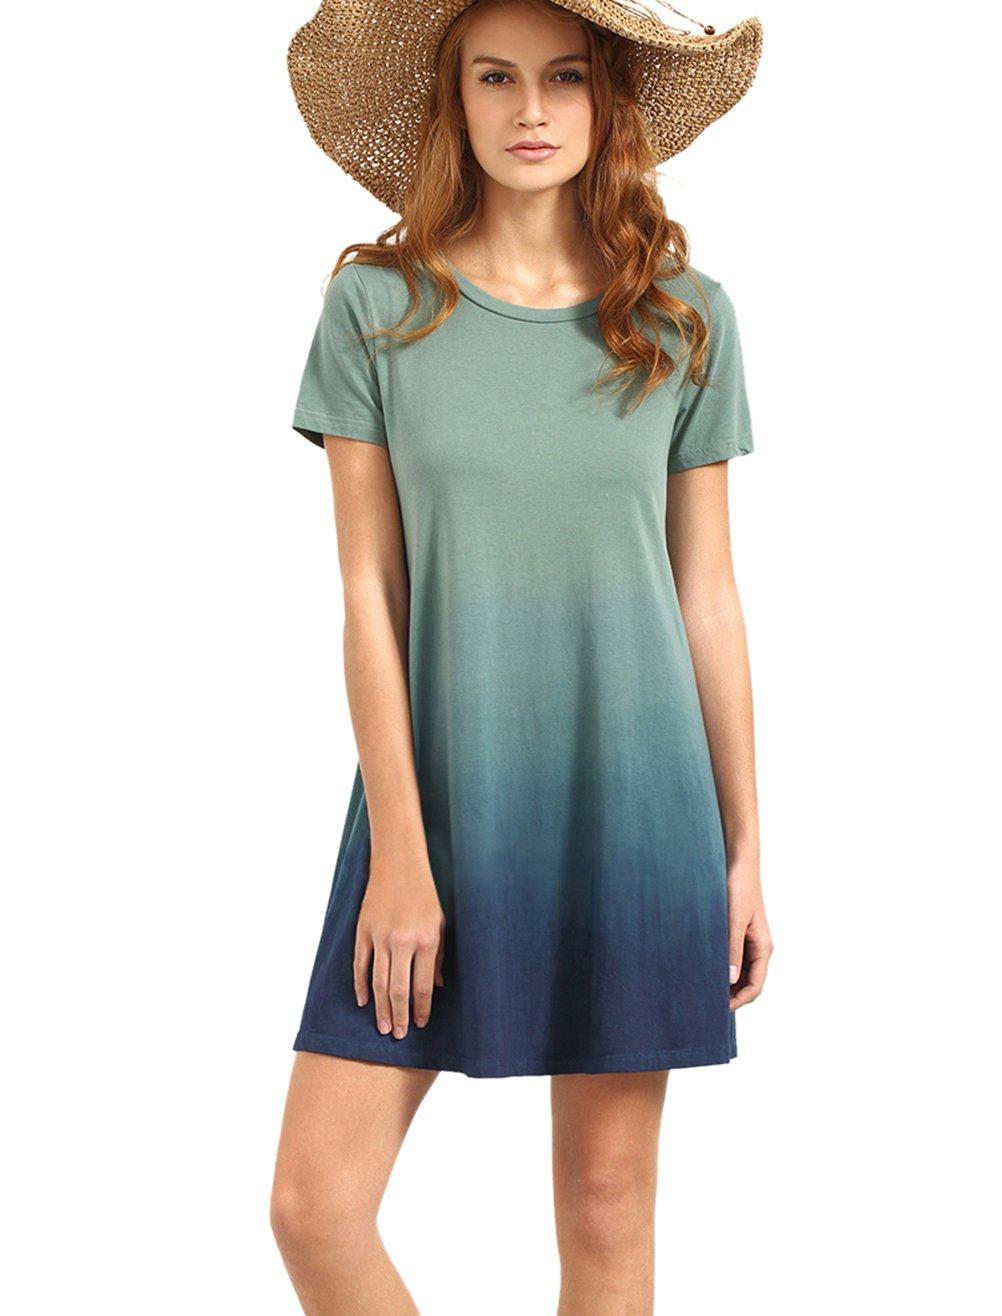 Romwe Women's Tunic Swing T-Shirt Dress Short Sleeve Tie Dye Ombre Dress Multicolor M